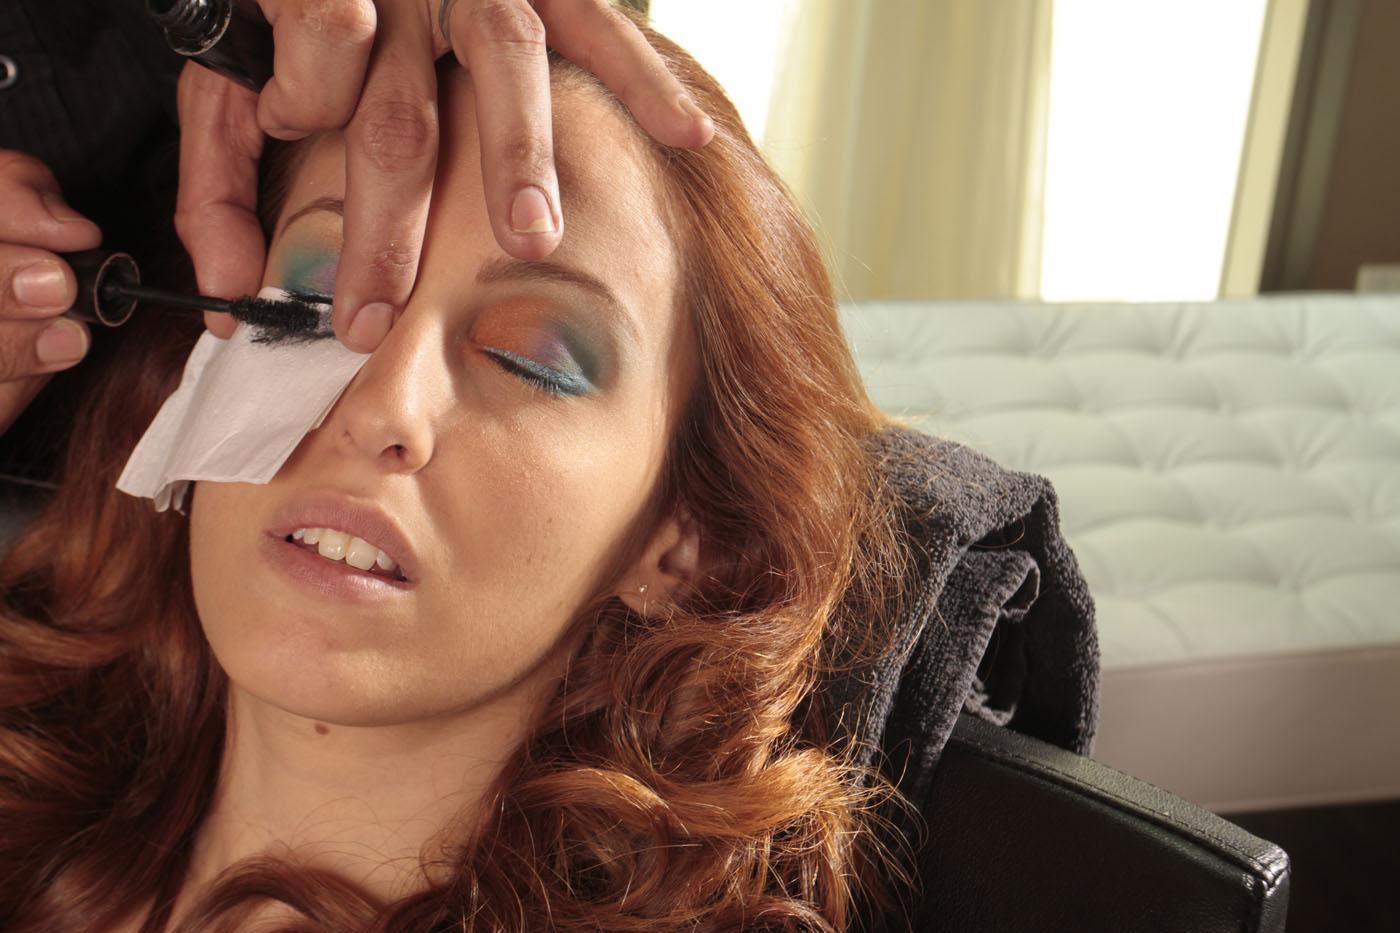 Dica: Use um papel para proteger a maquiagem na hora de passar o rímel